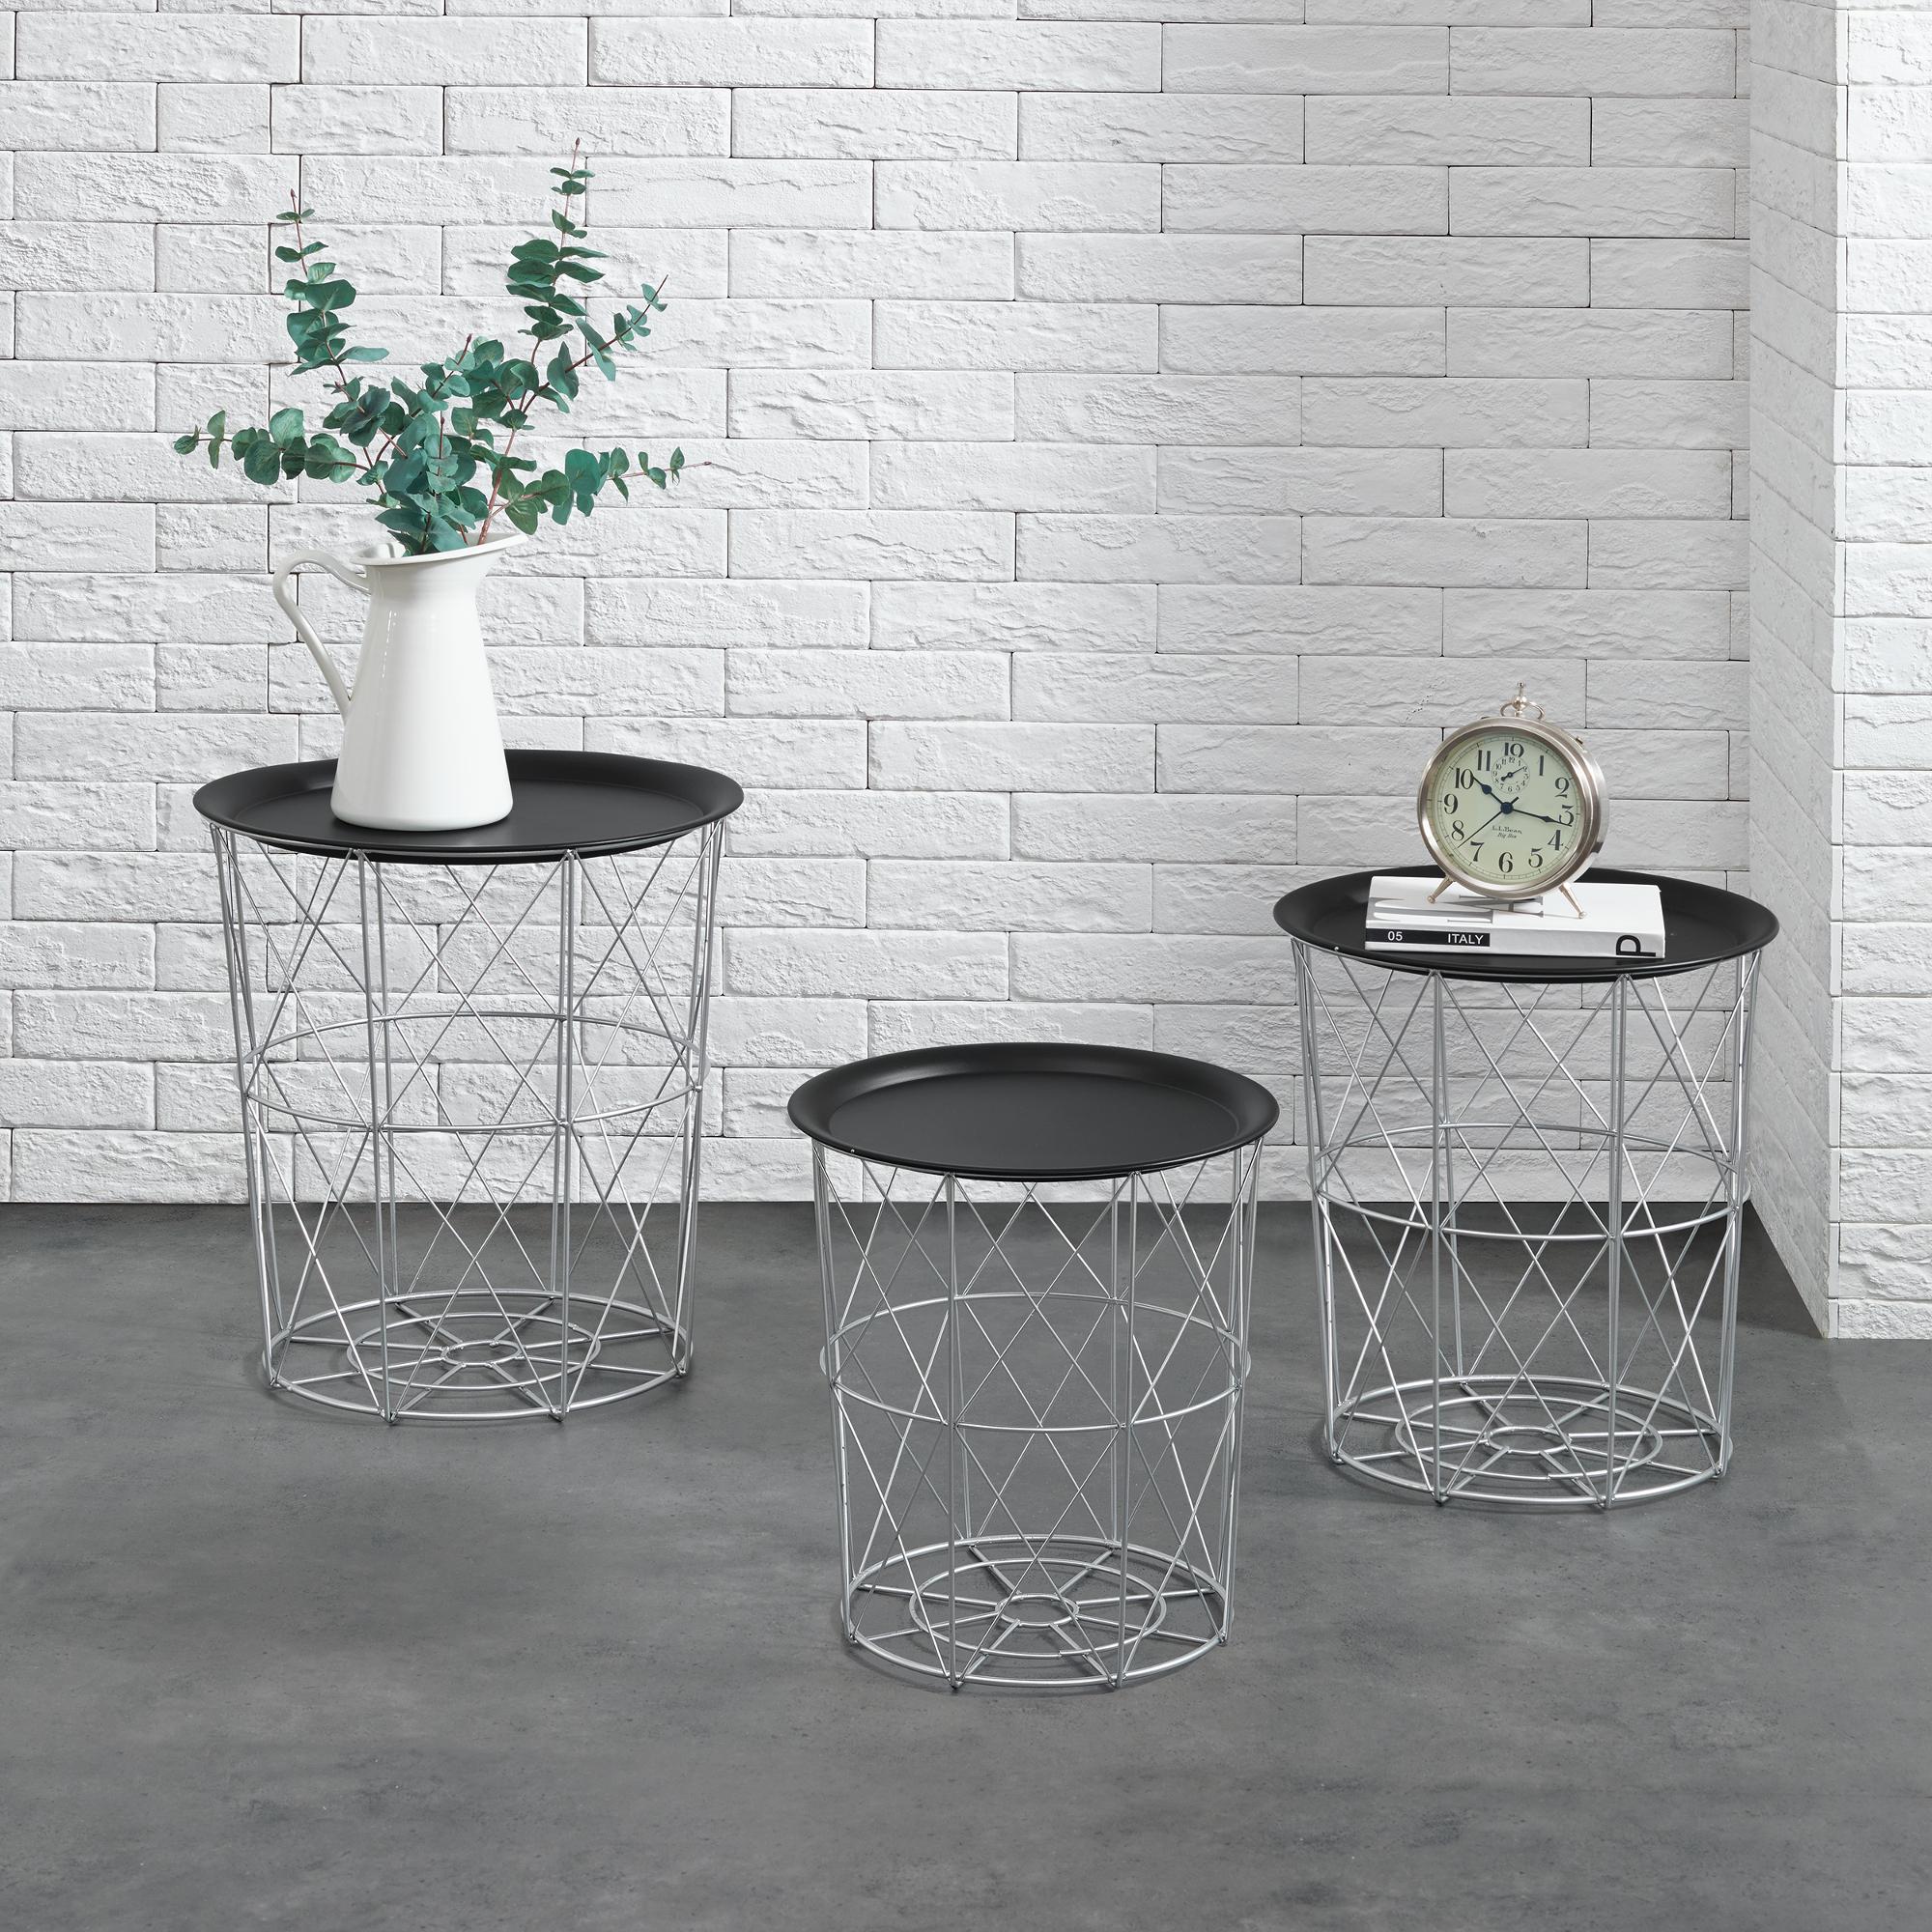 metallkorb beistelltisch couchtisch sofatisch 3er set deko silber ebay. Black Bedroom Furniture Sets. Home Design Ideas